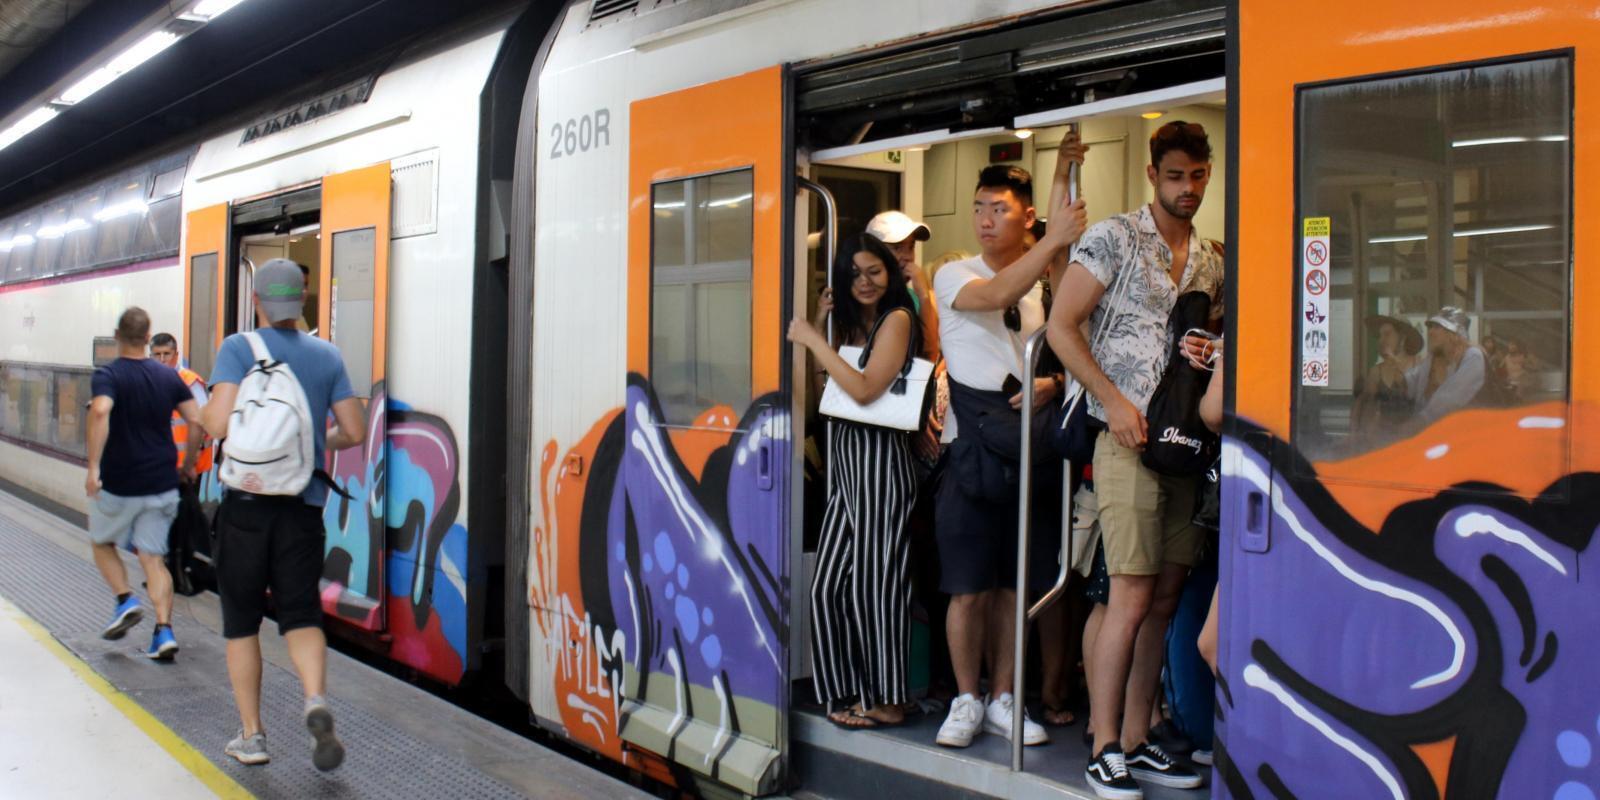 Viatgers a la porta d'un tren de Rodalies a l'estació de Sants